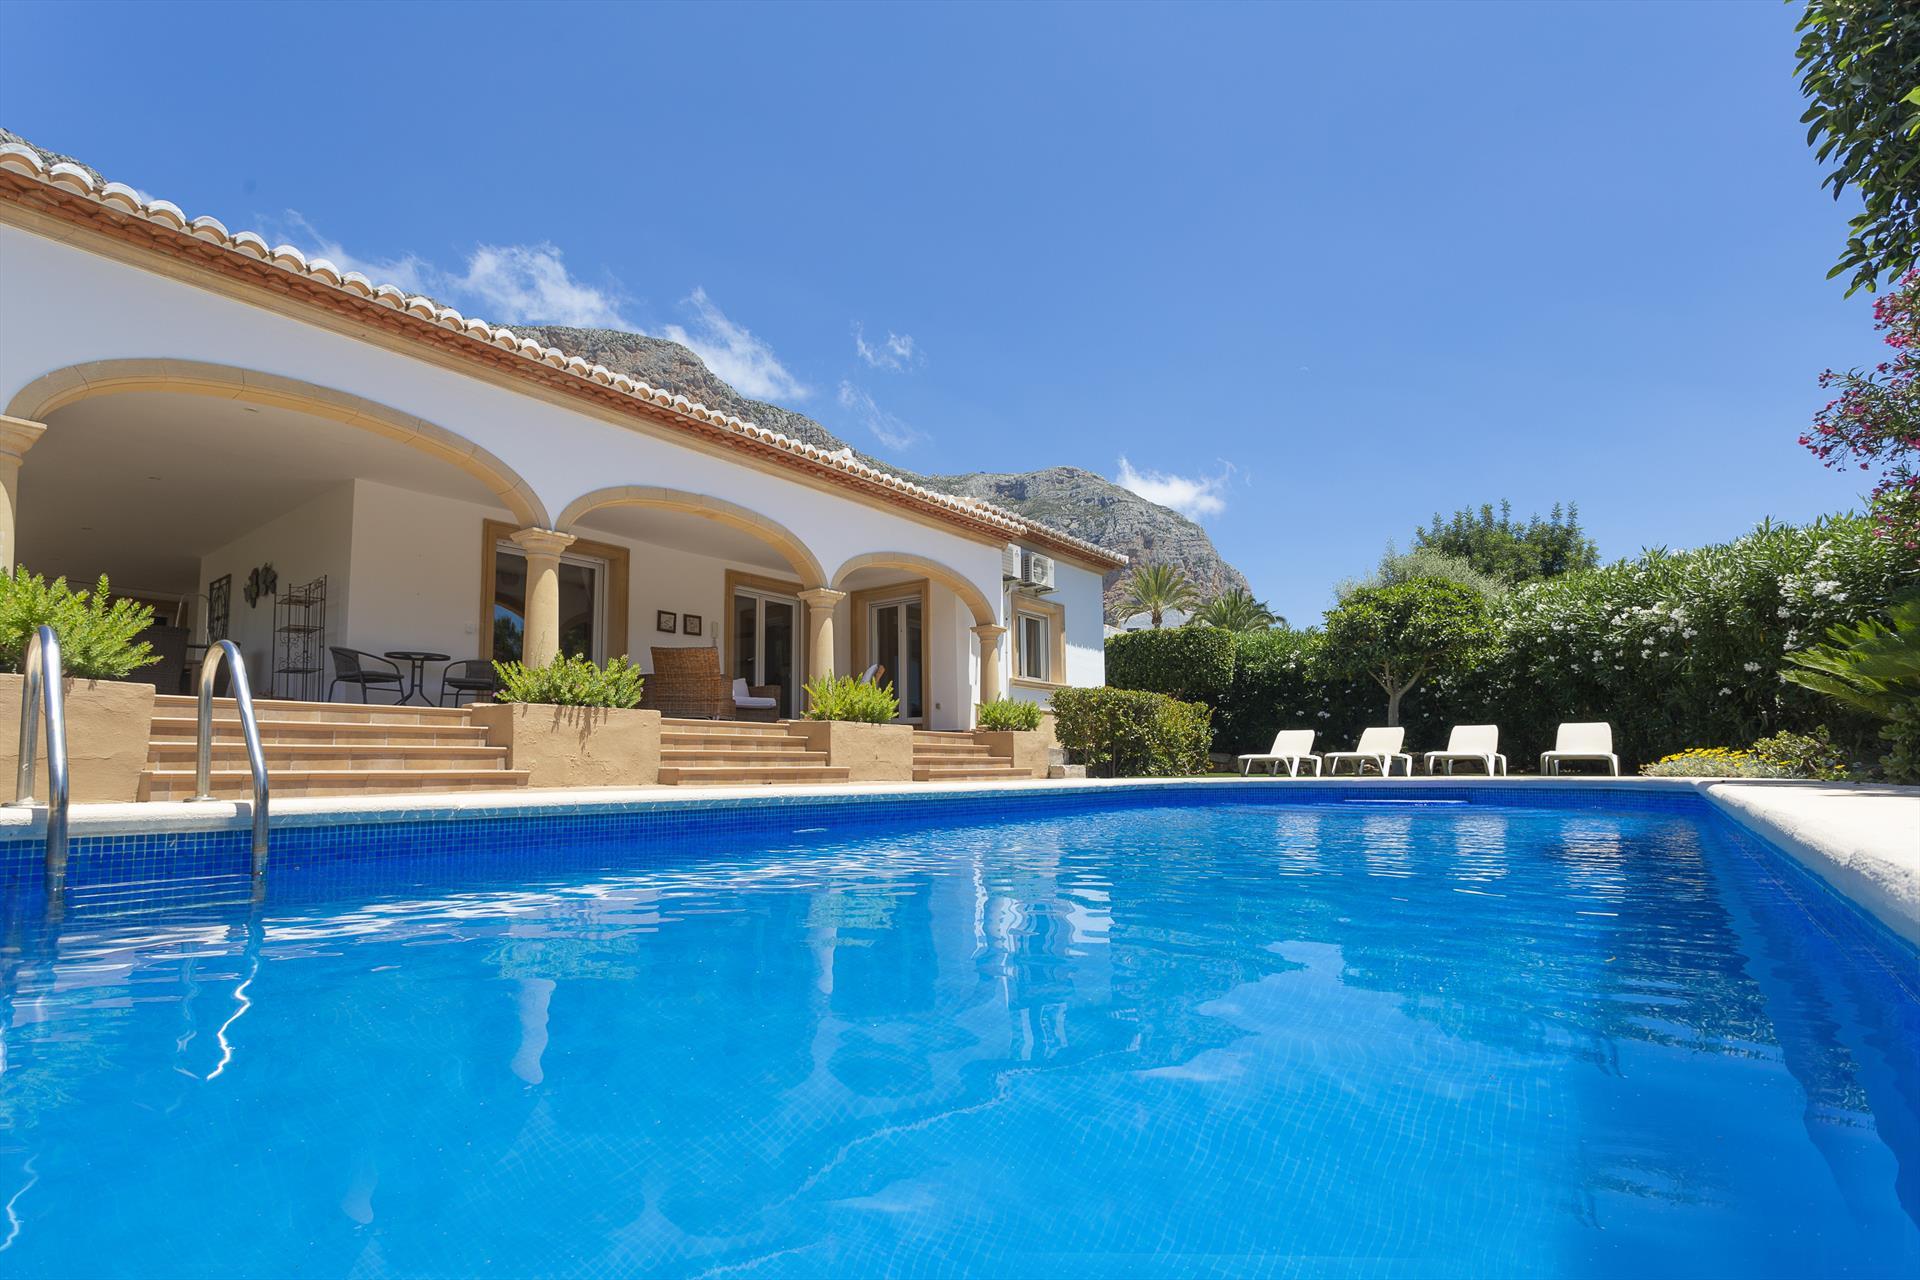 Casa Dory,Schönes Ferienhaus für 10 Personen in Jávea mit Privatpool und herrlichem Blick auf den Montgo-Berg und das.....